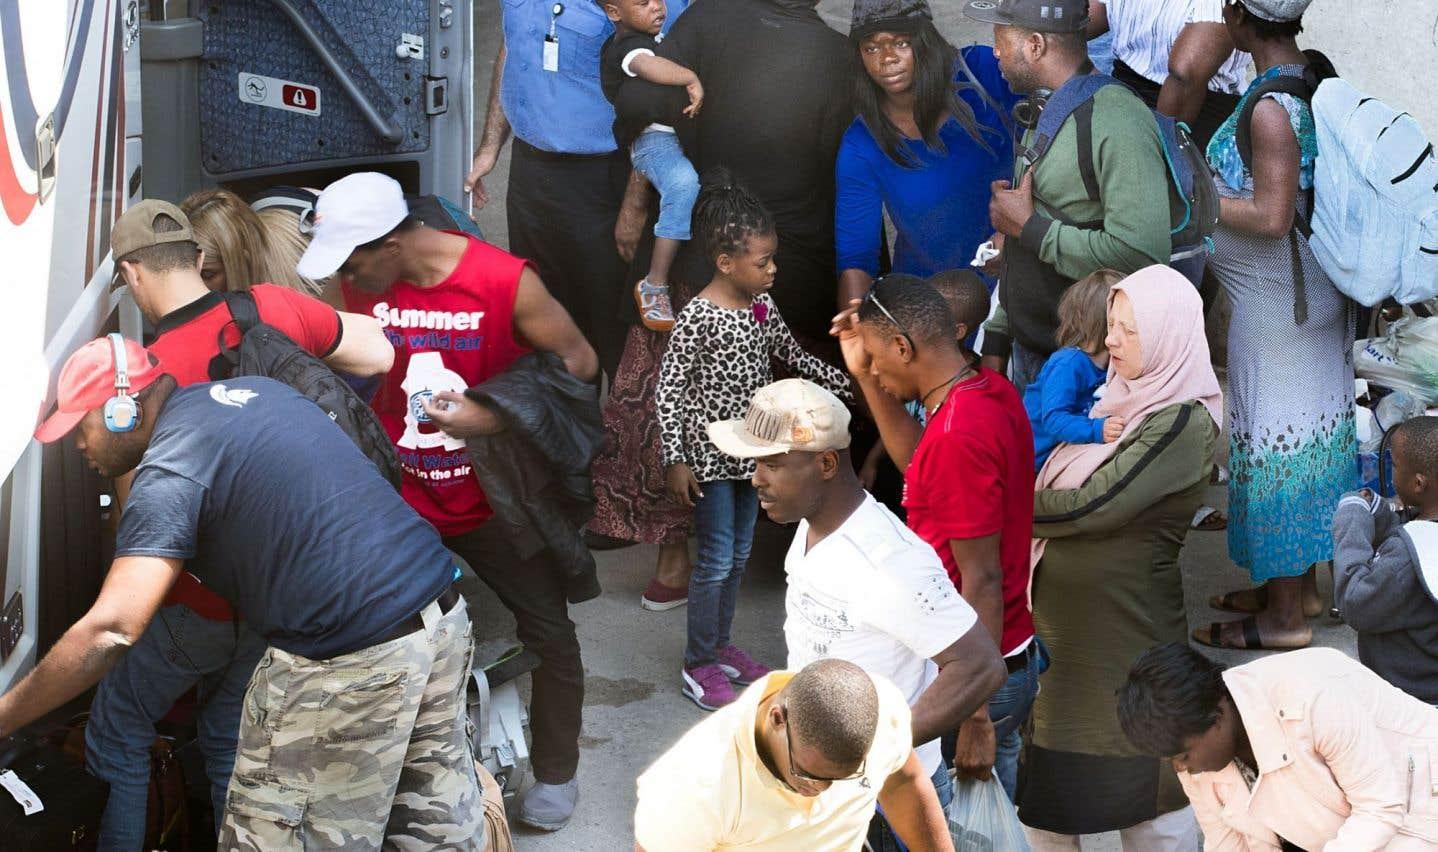 Un propriétaire de plus de 100 logements tente de briser les préjugés à l'égard des demandeurs d'asile